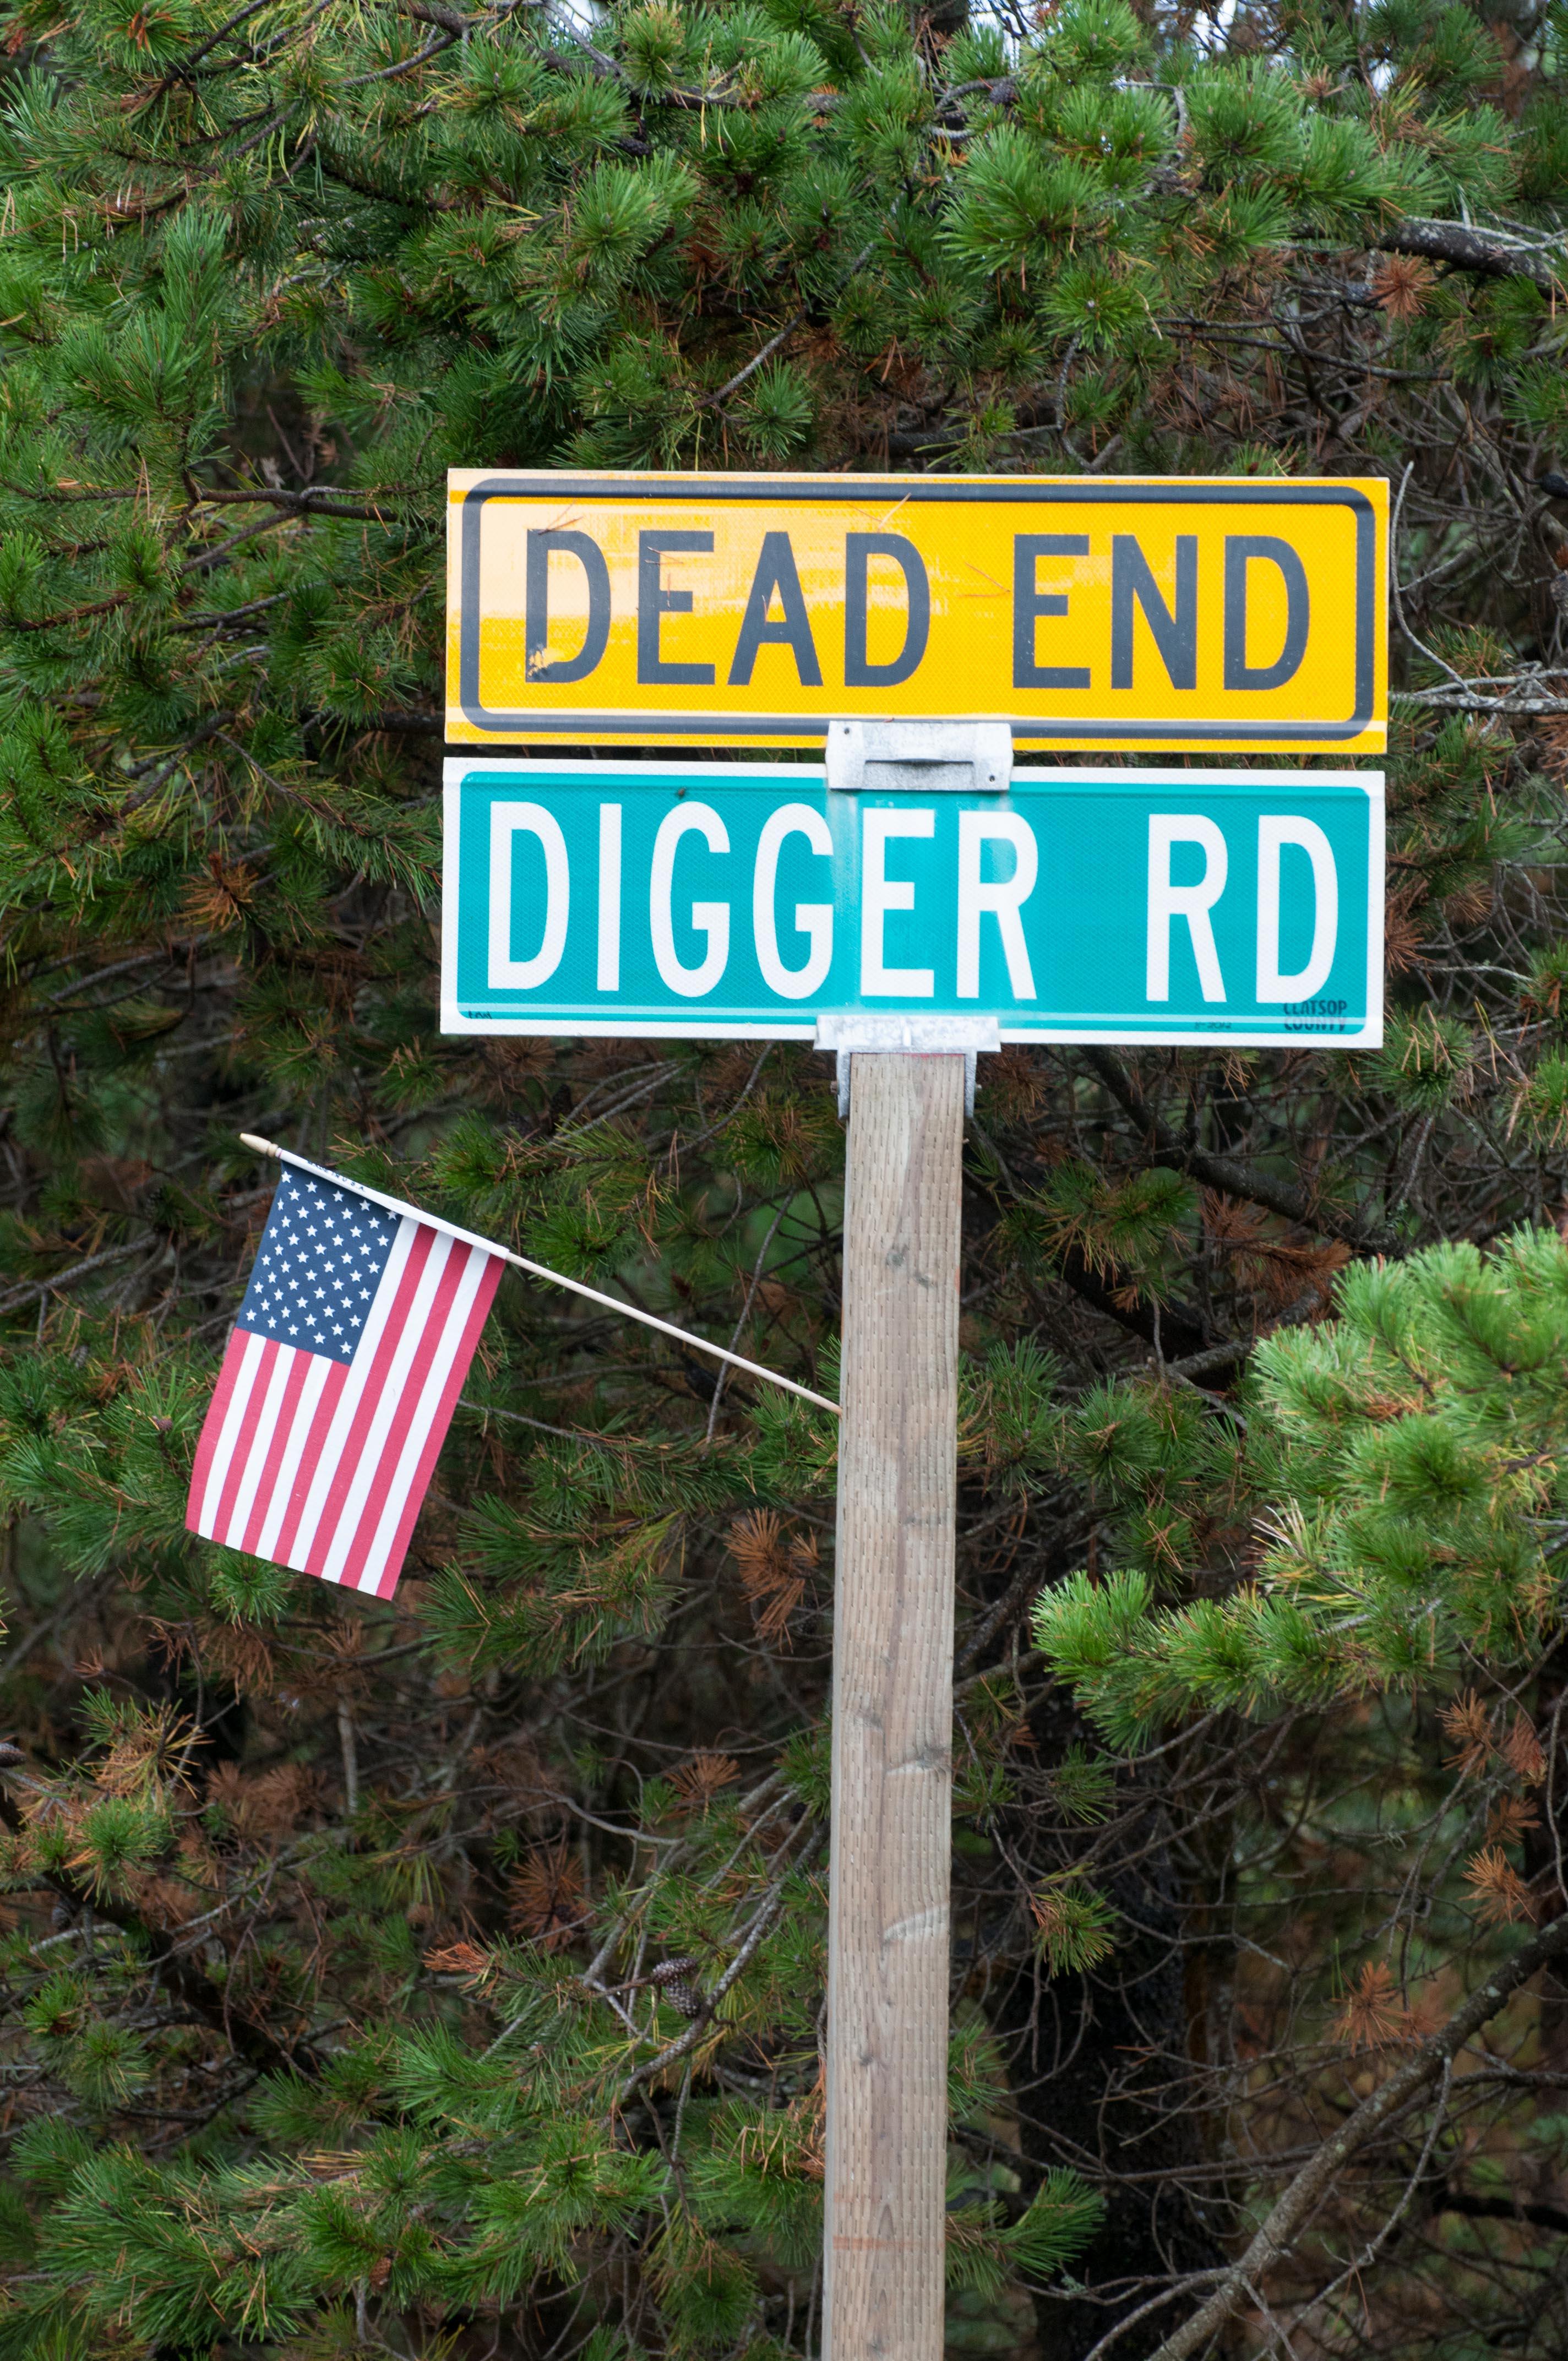 Digger!